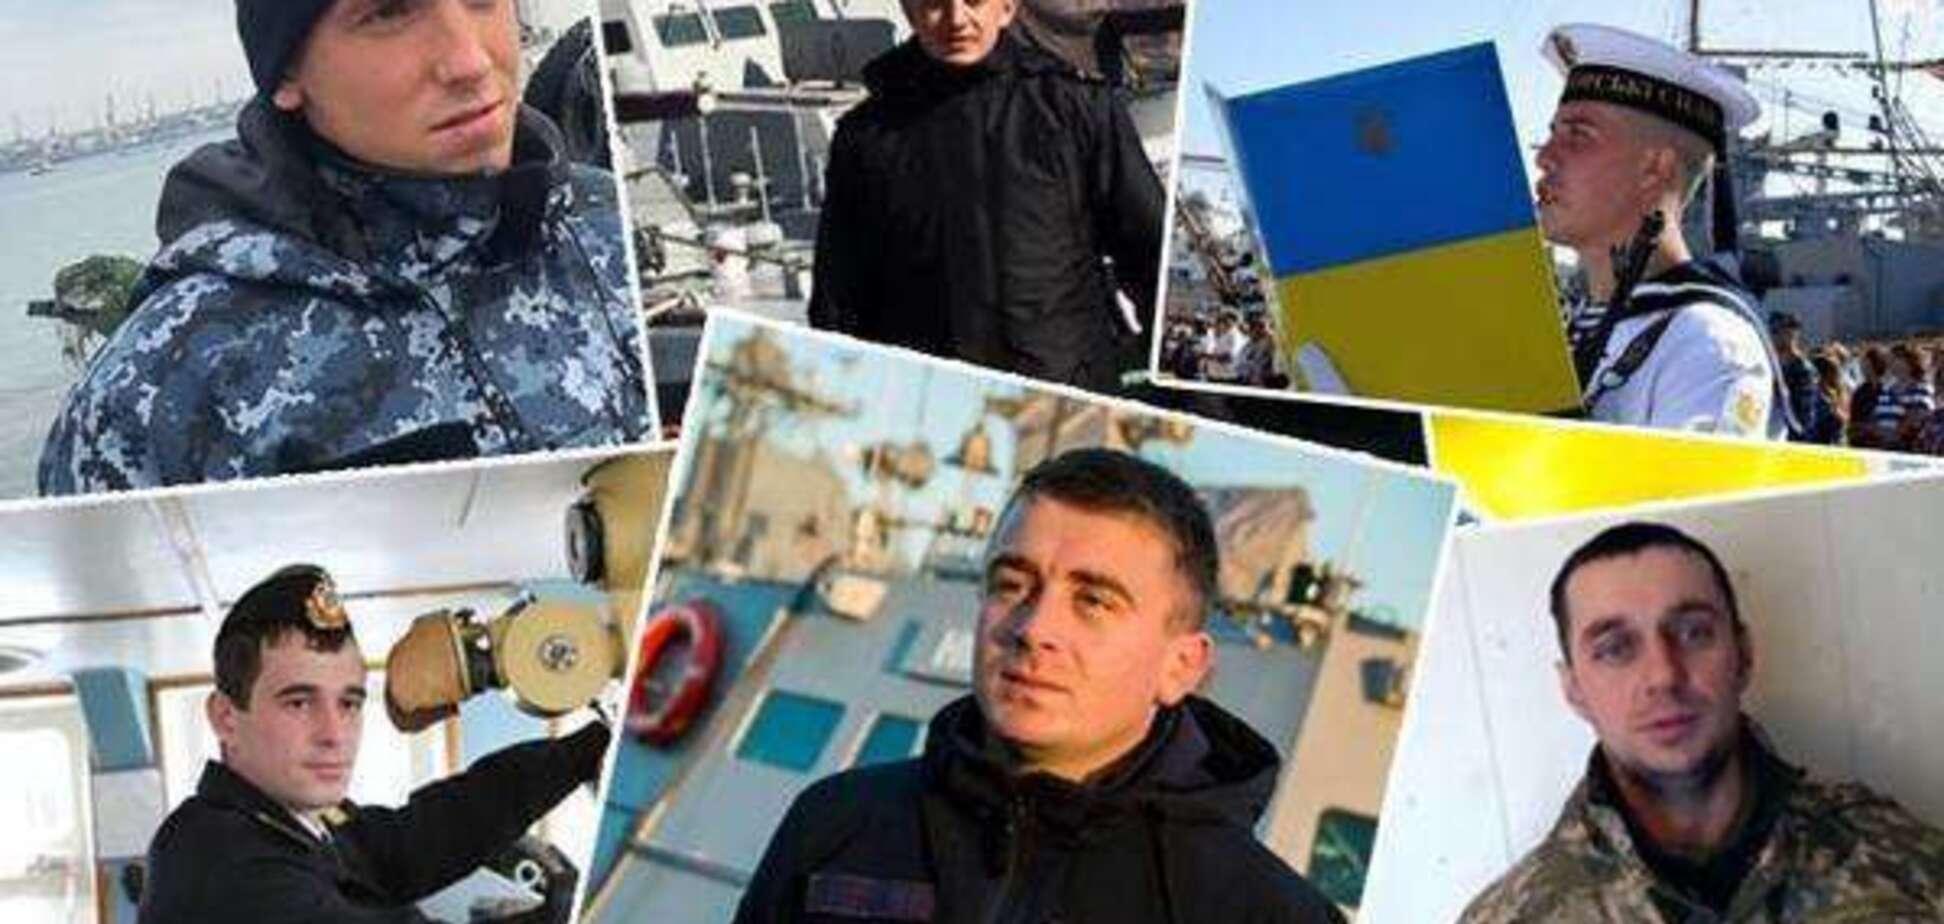 Як Україна звільняла українських моряків: хроніка процесу